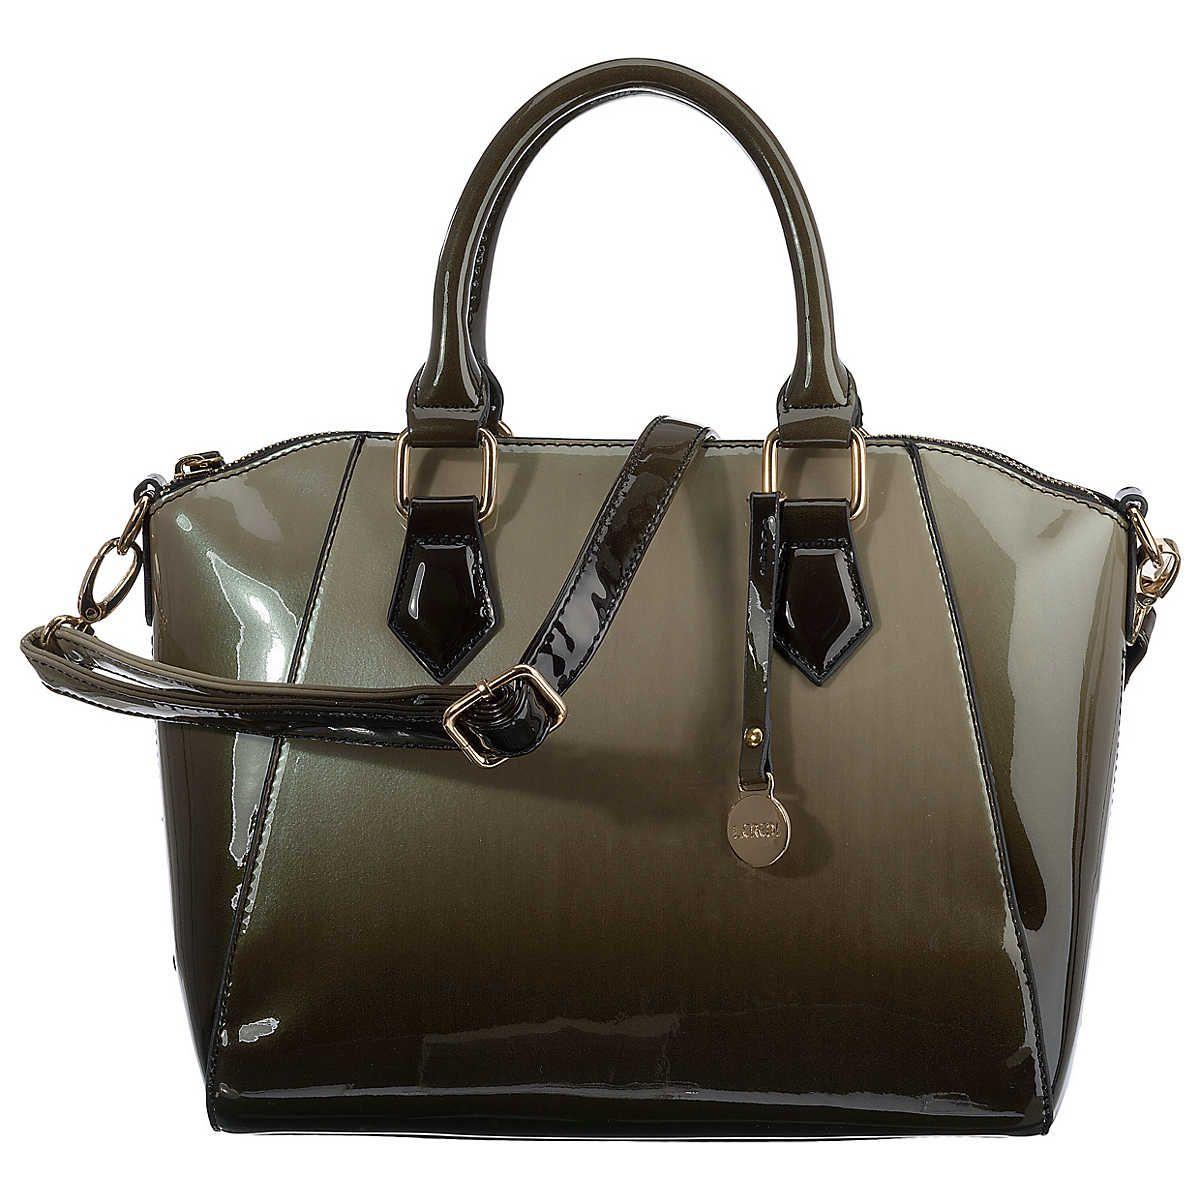 0eb8ebee46 Unser MUST HAVE des Tages - heute: die L.Credi Handtasche im ...